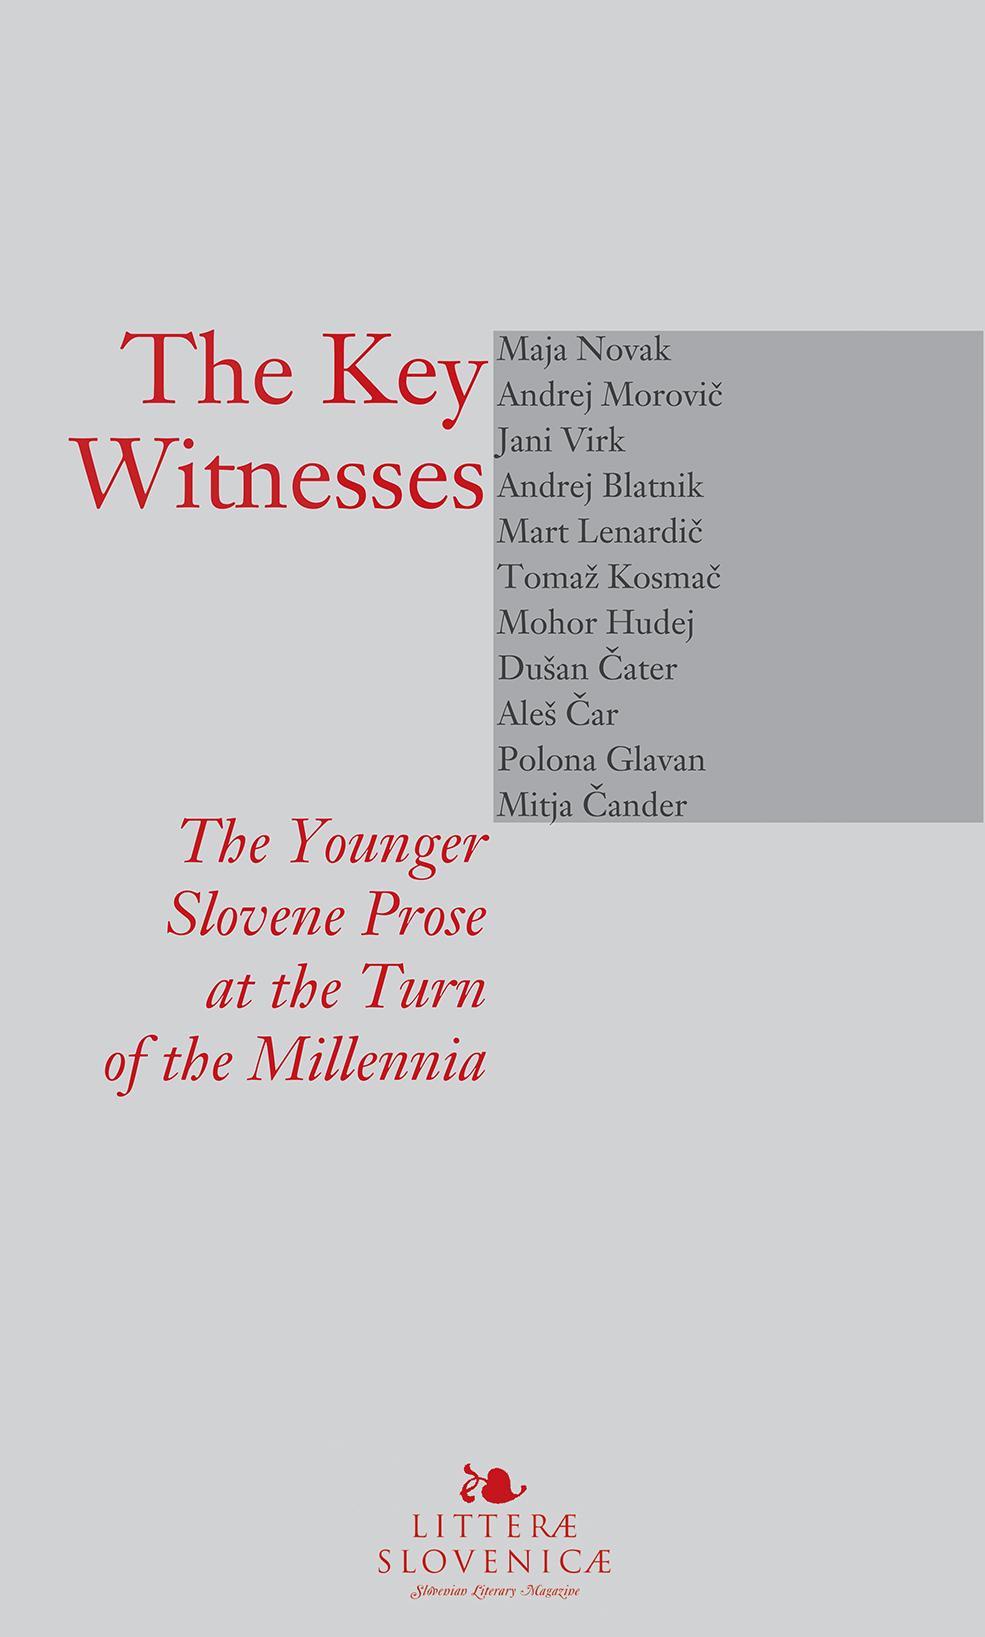 2003_The_Key_Witnesses_NASL-2-1.jpg